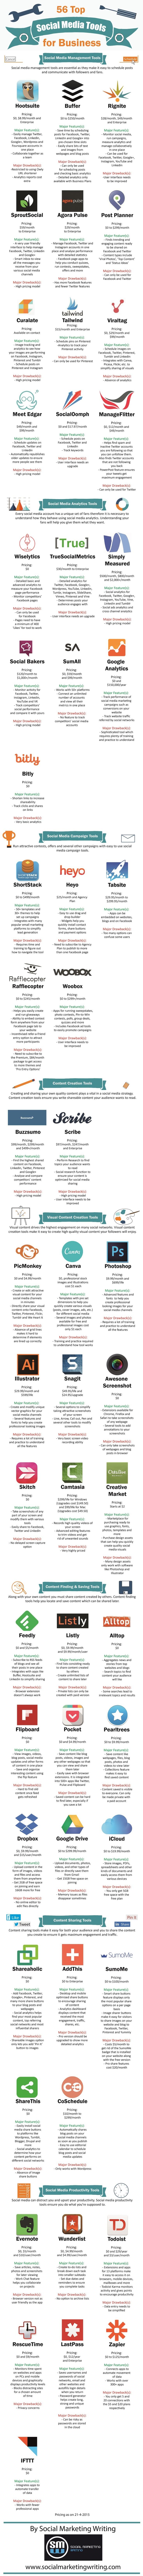 Popular-Social-Media-Marketing-Tools-Infographic